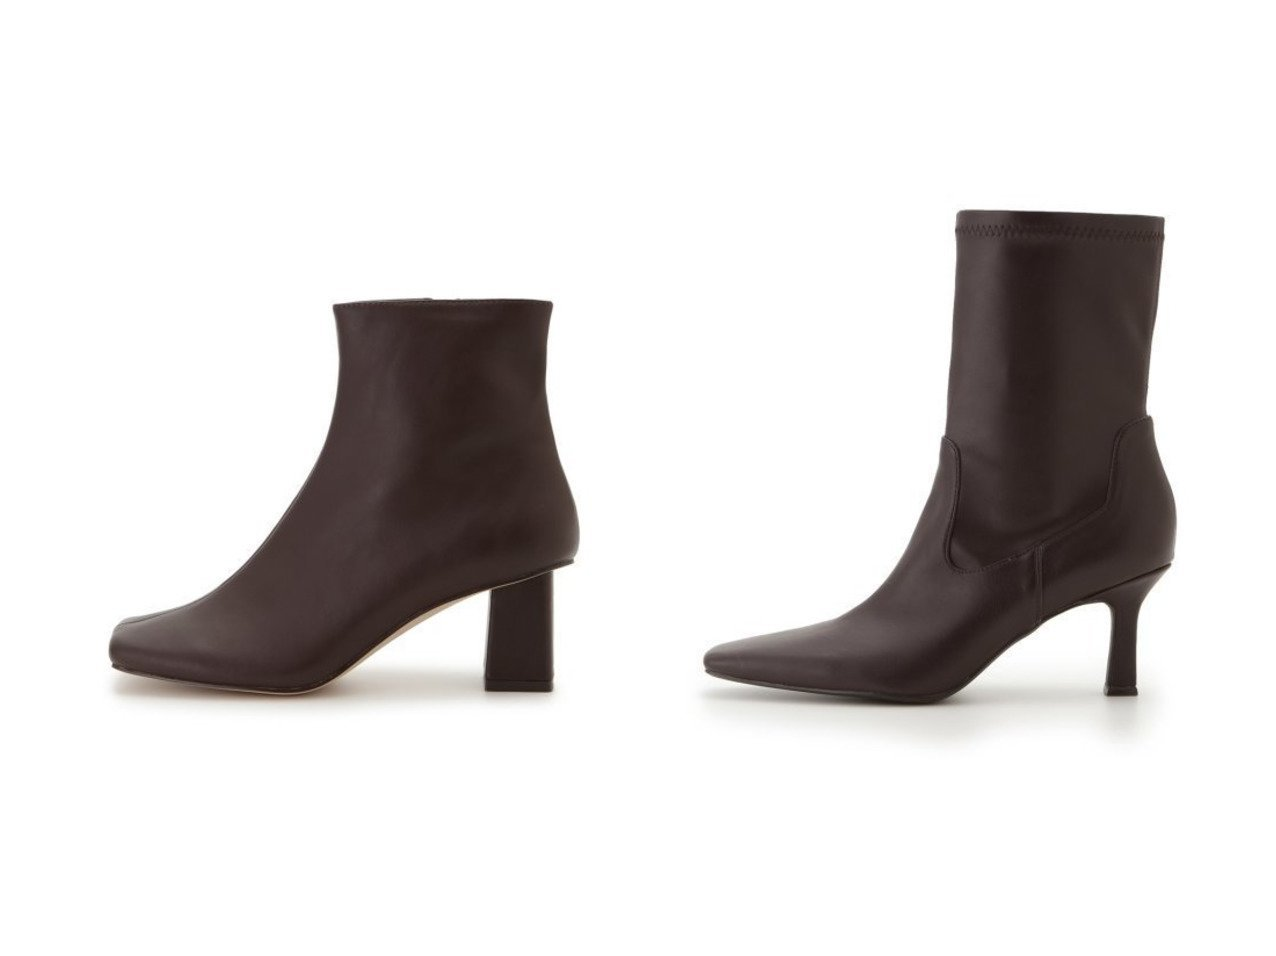 【Mila Owen/ミラオーウェン】のハイアンクルストレッチブーツ&【SNIDEL/スナイデル】のワイドスクエアショートブーツ シューズ・靴のおすすめ!人気、レディースファッションの通販 おすすめで人気のファッション通販商品 インテリア・家具・キッズファッション・メンズファッション・レディースファッション・服の通販 founy(ファニー) https://founy.com/ ファッション Fashion レディース WOMEN シューズ スタイリッシュ ストレッチ スマート フェイクレザー ボトム ロング 冬 Winter ショート センター 今季  ID:crp329100000001567